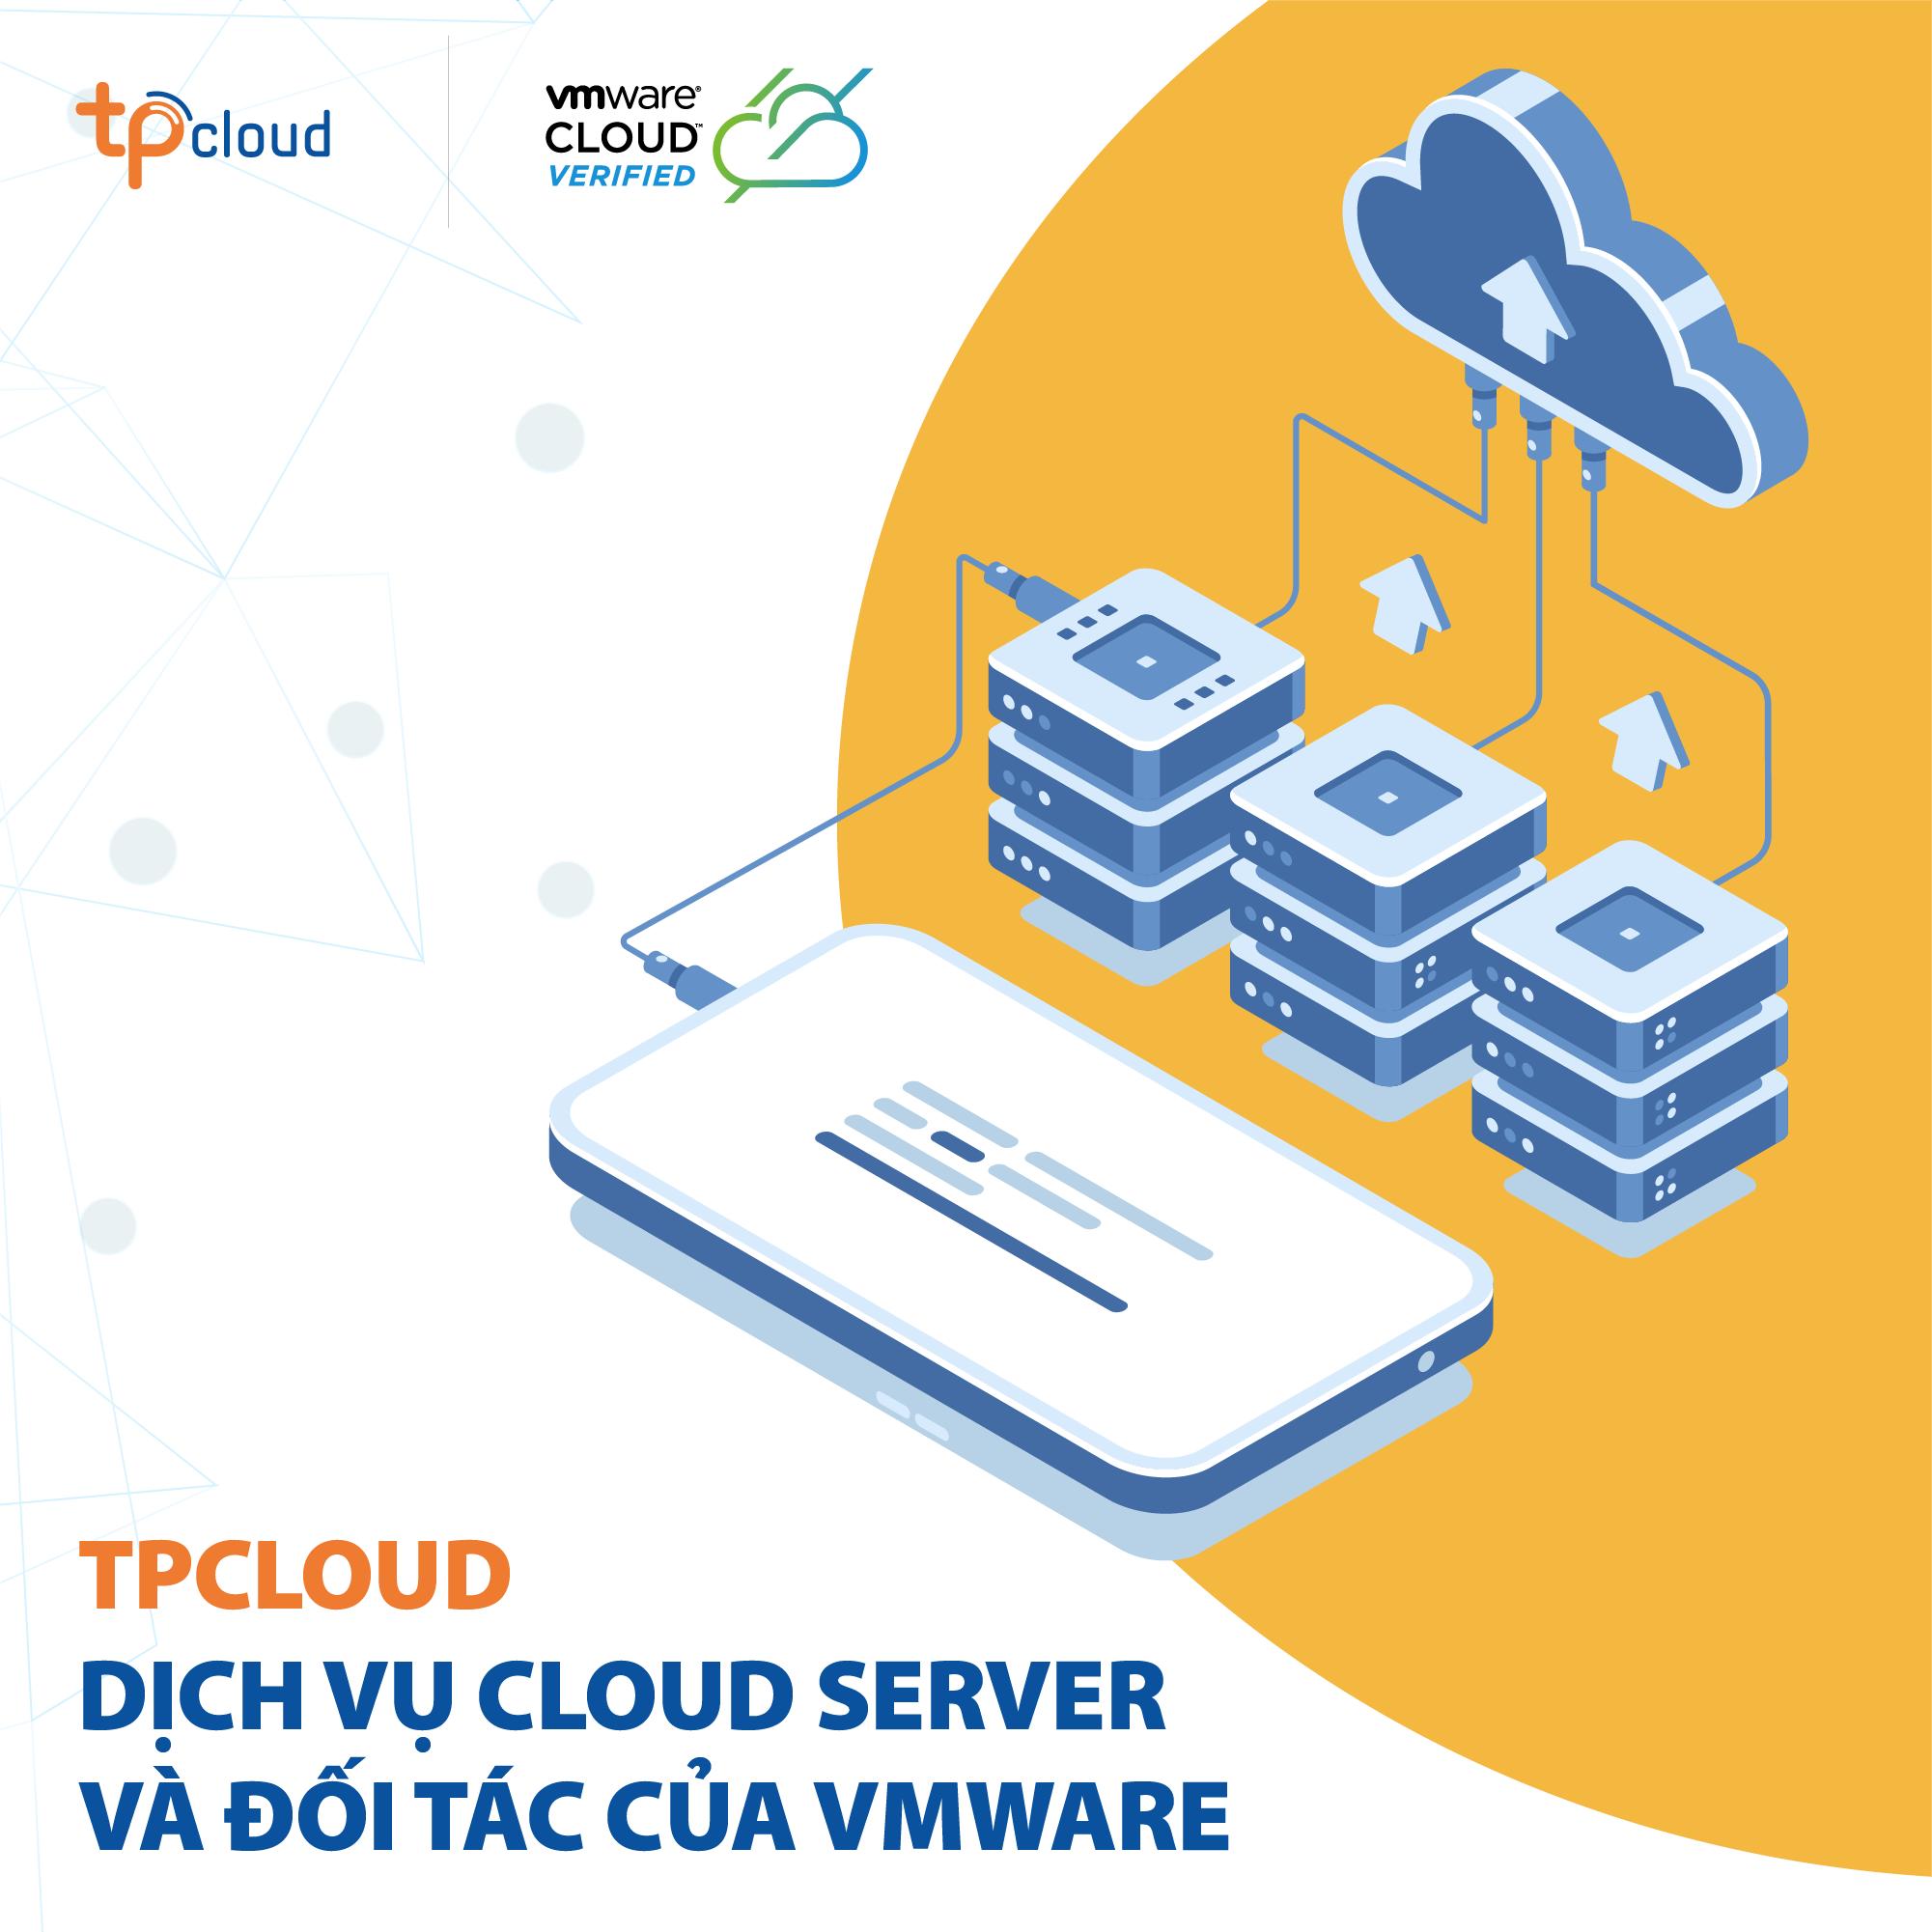 tpcloud-cam-ket-chat-luong-dich-vu-cloud-server